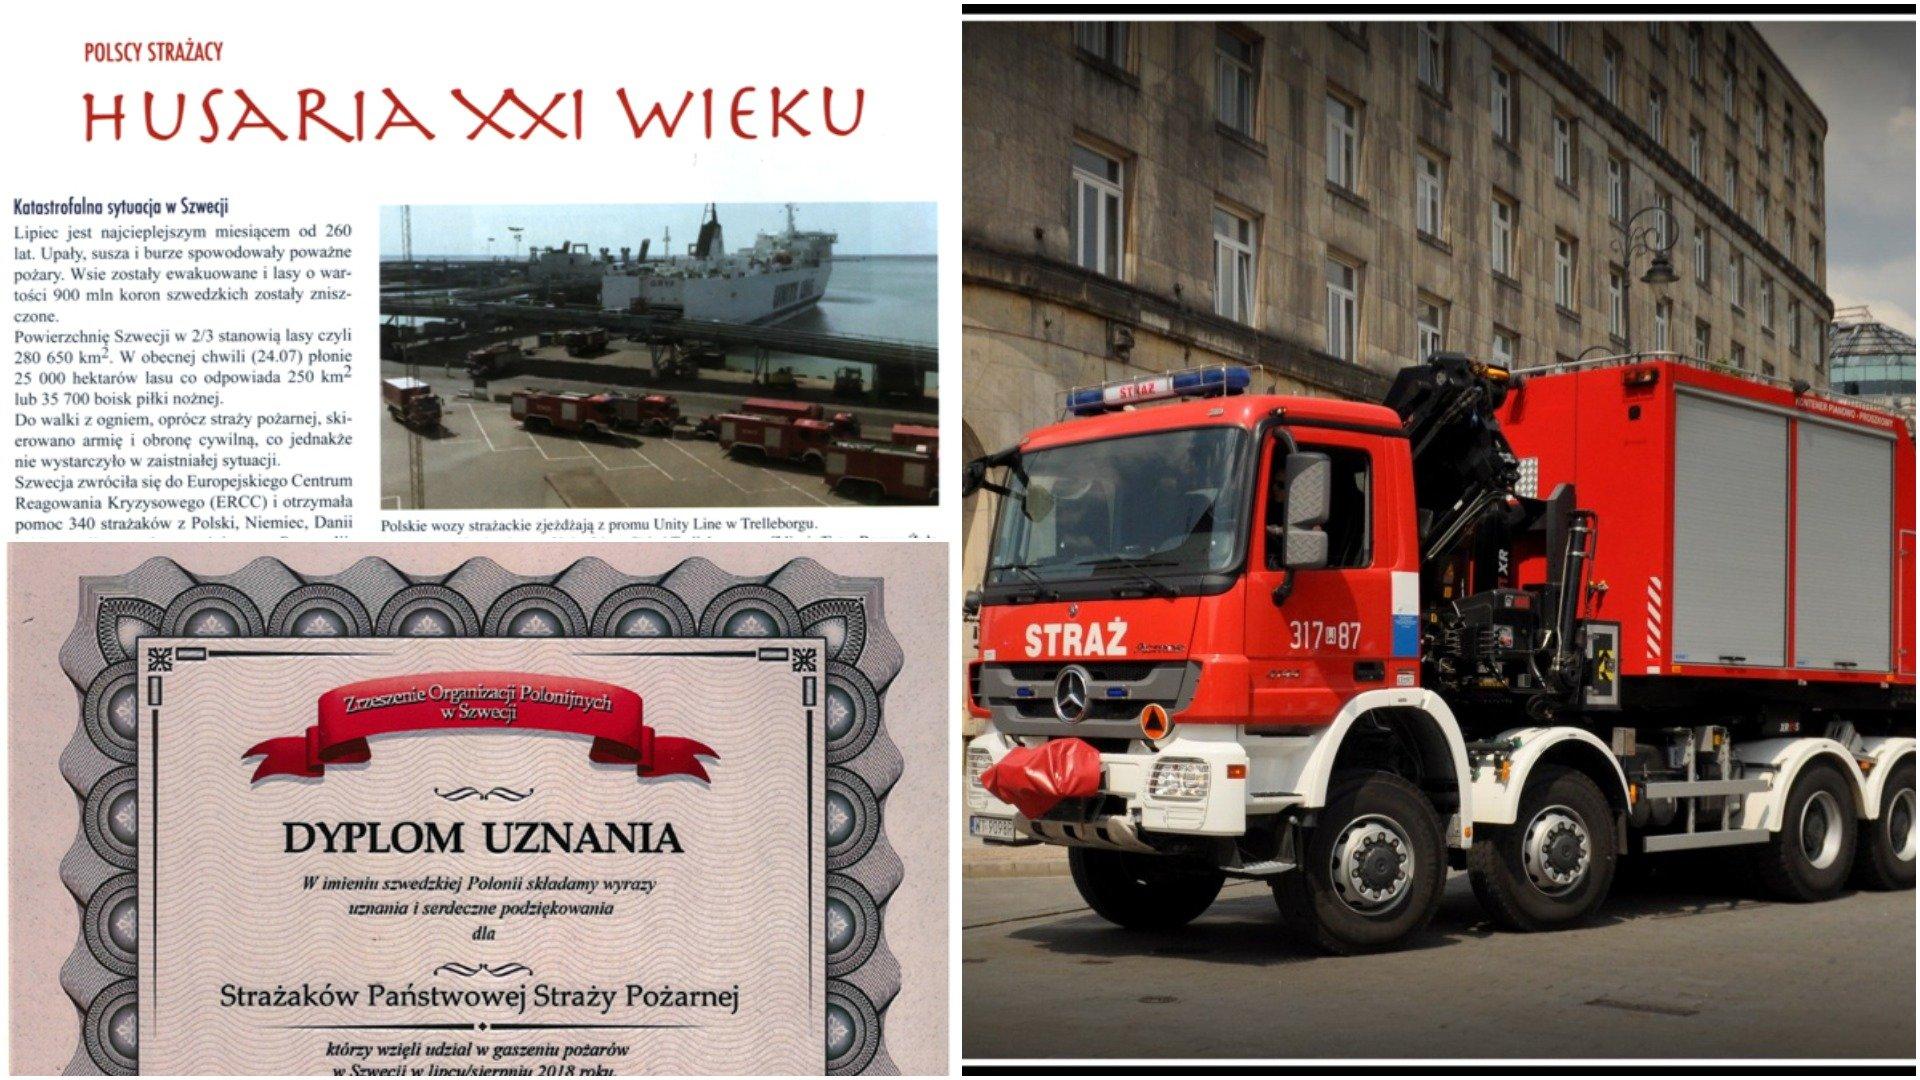 Husaria Xxi Wieku Podsumowano Pomoc Polskich Strażaków W